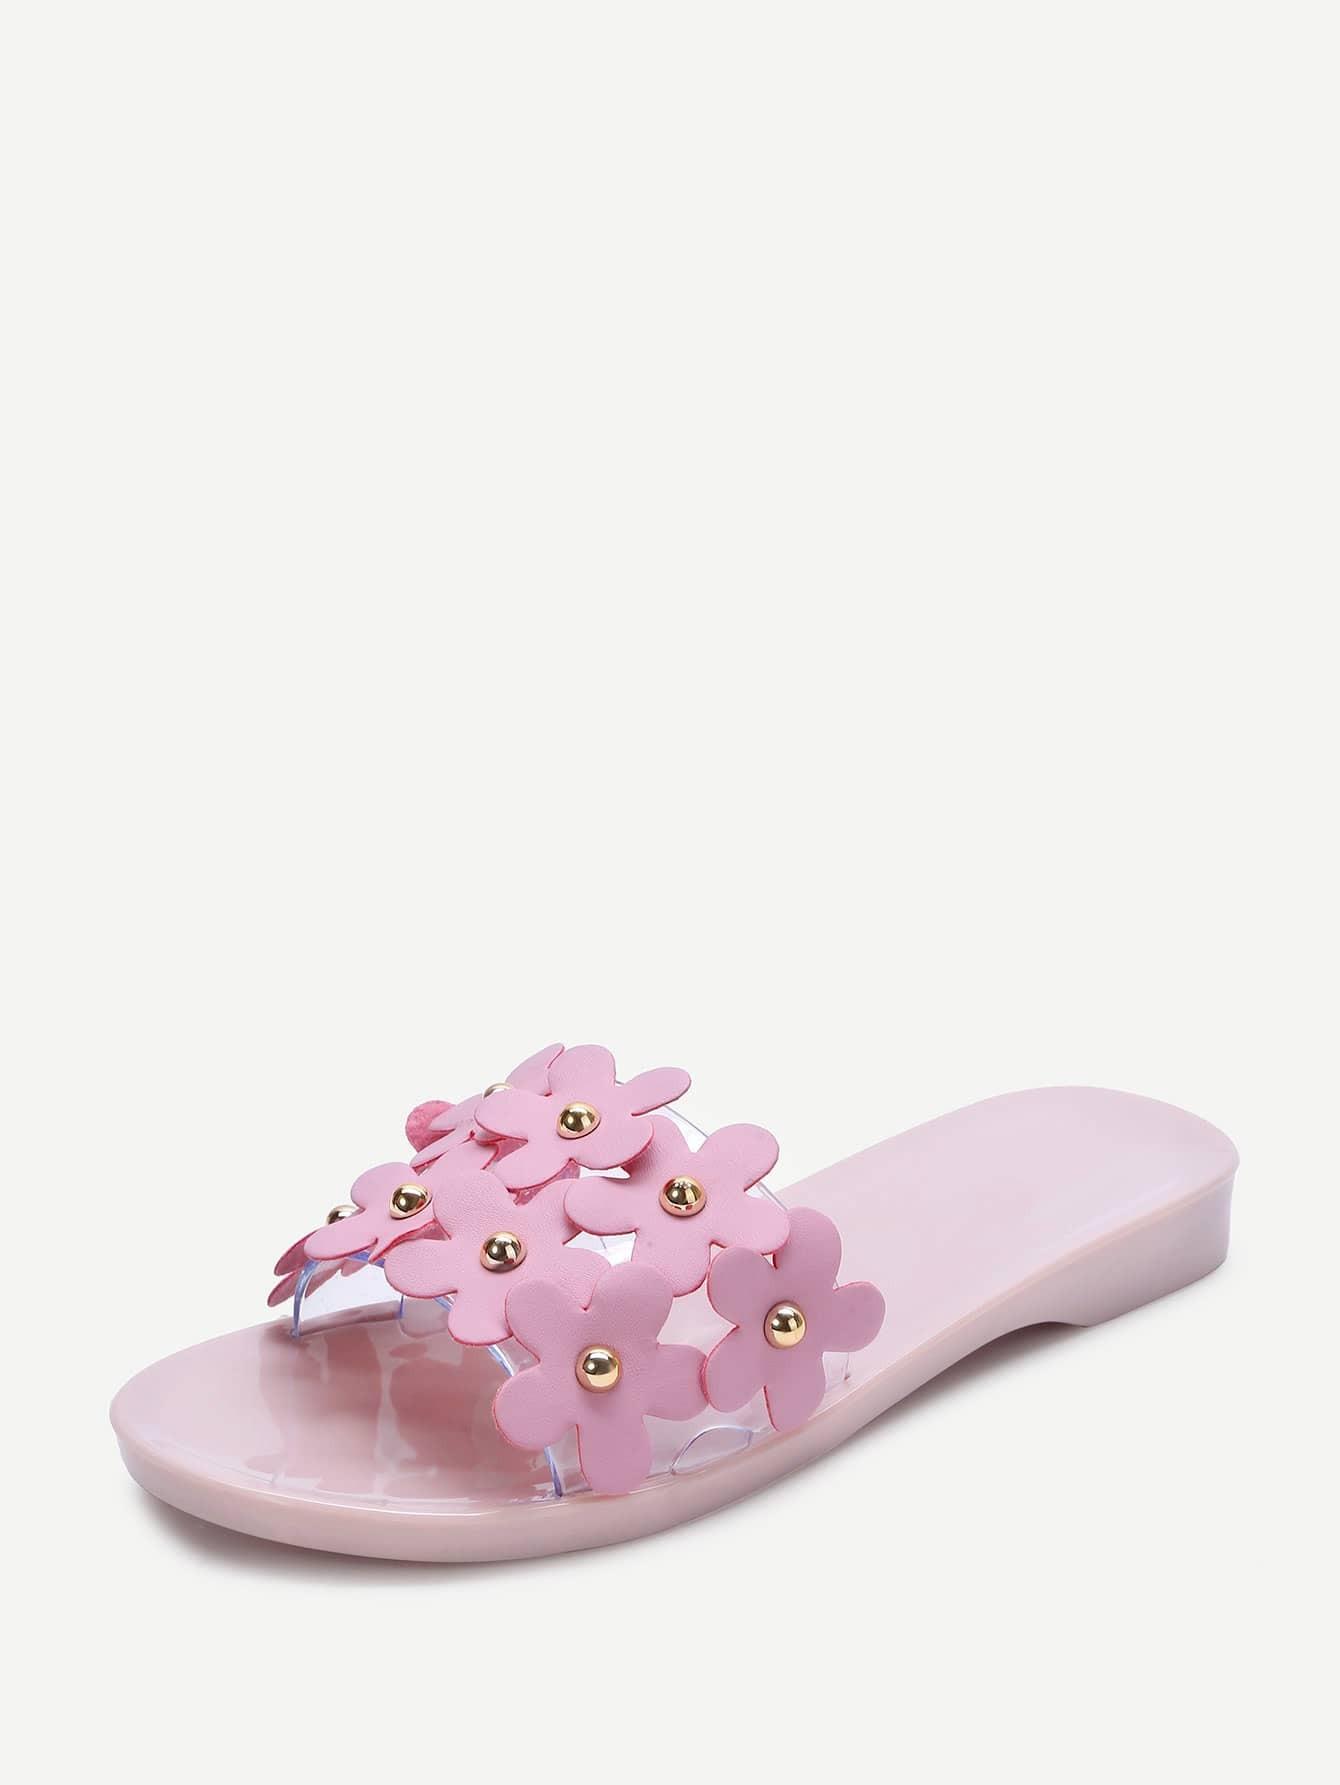 shoes170314801_2